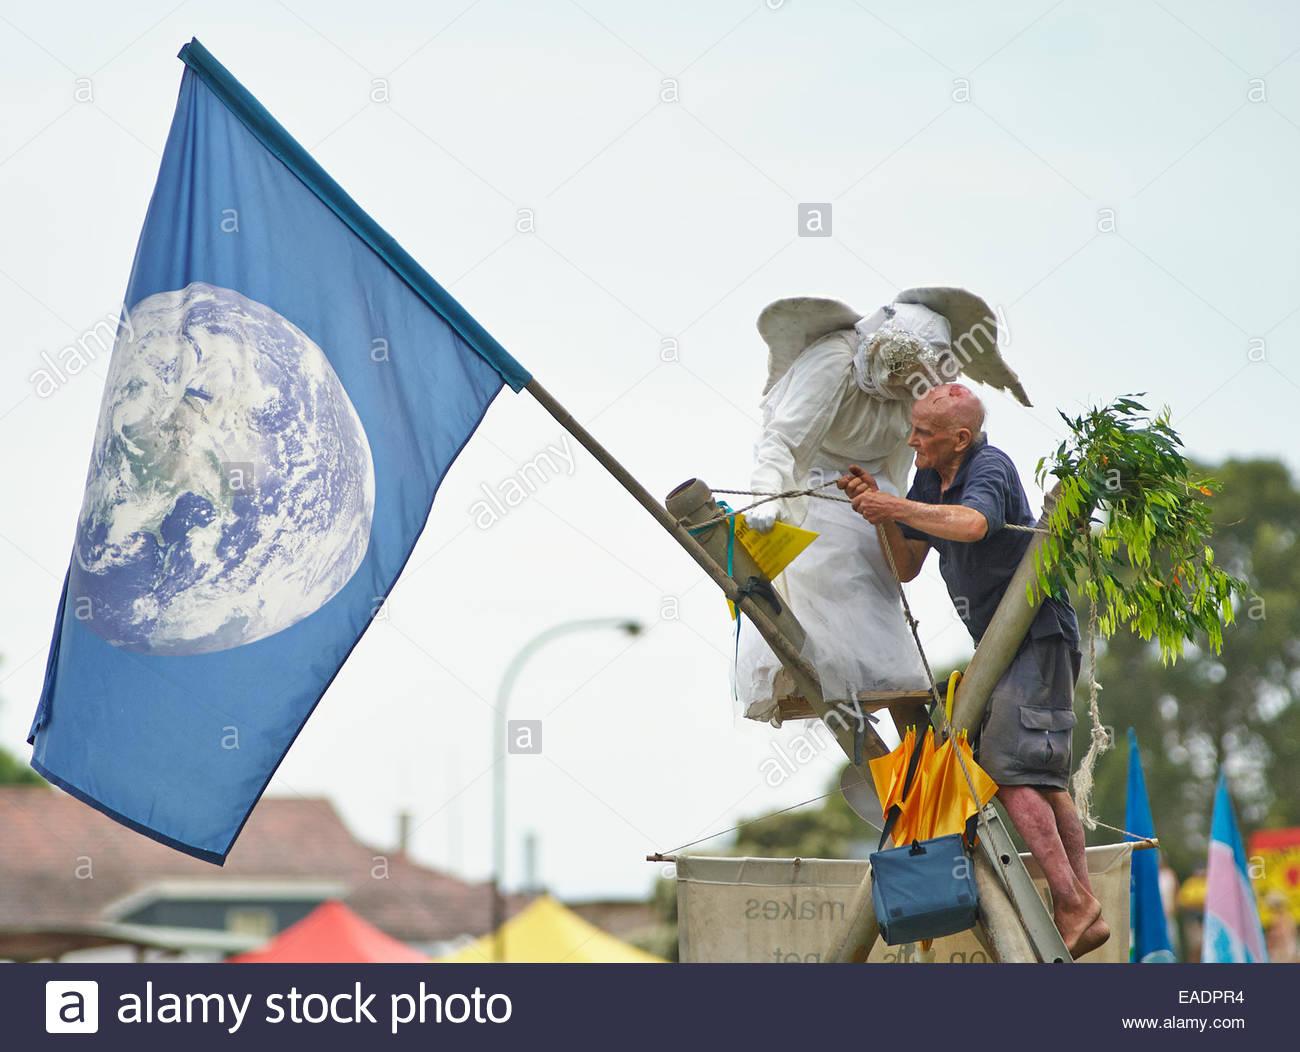 El ángel de la tierra y un hombre atar cuerdas encima de un trípode de bambú en el 'libre' Imagen De Stock